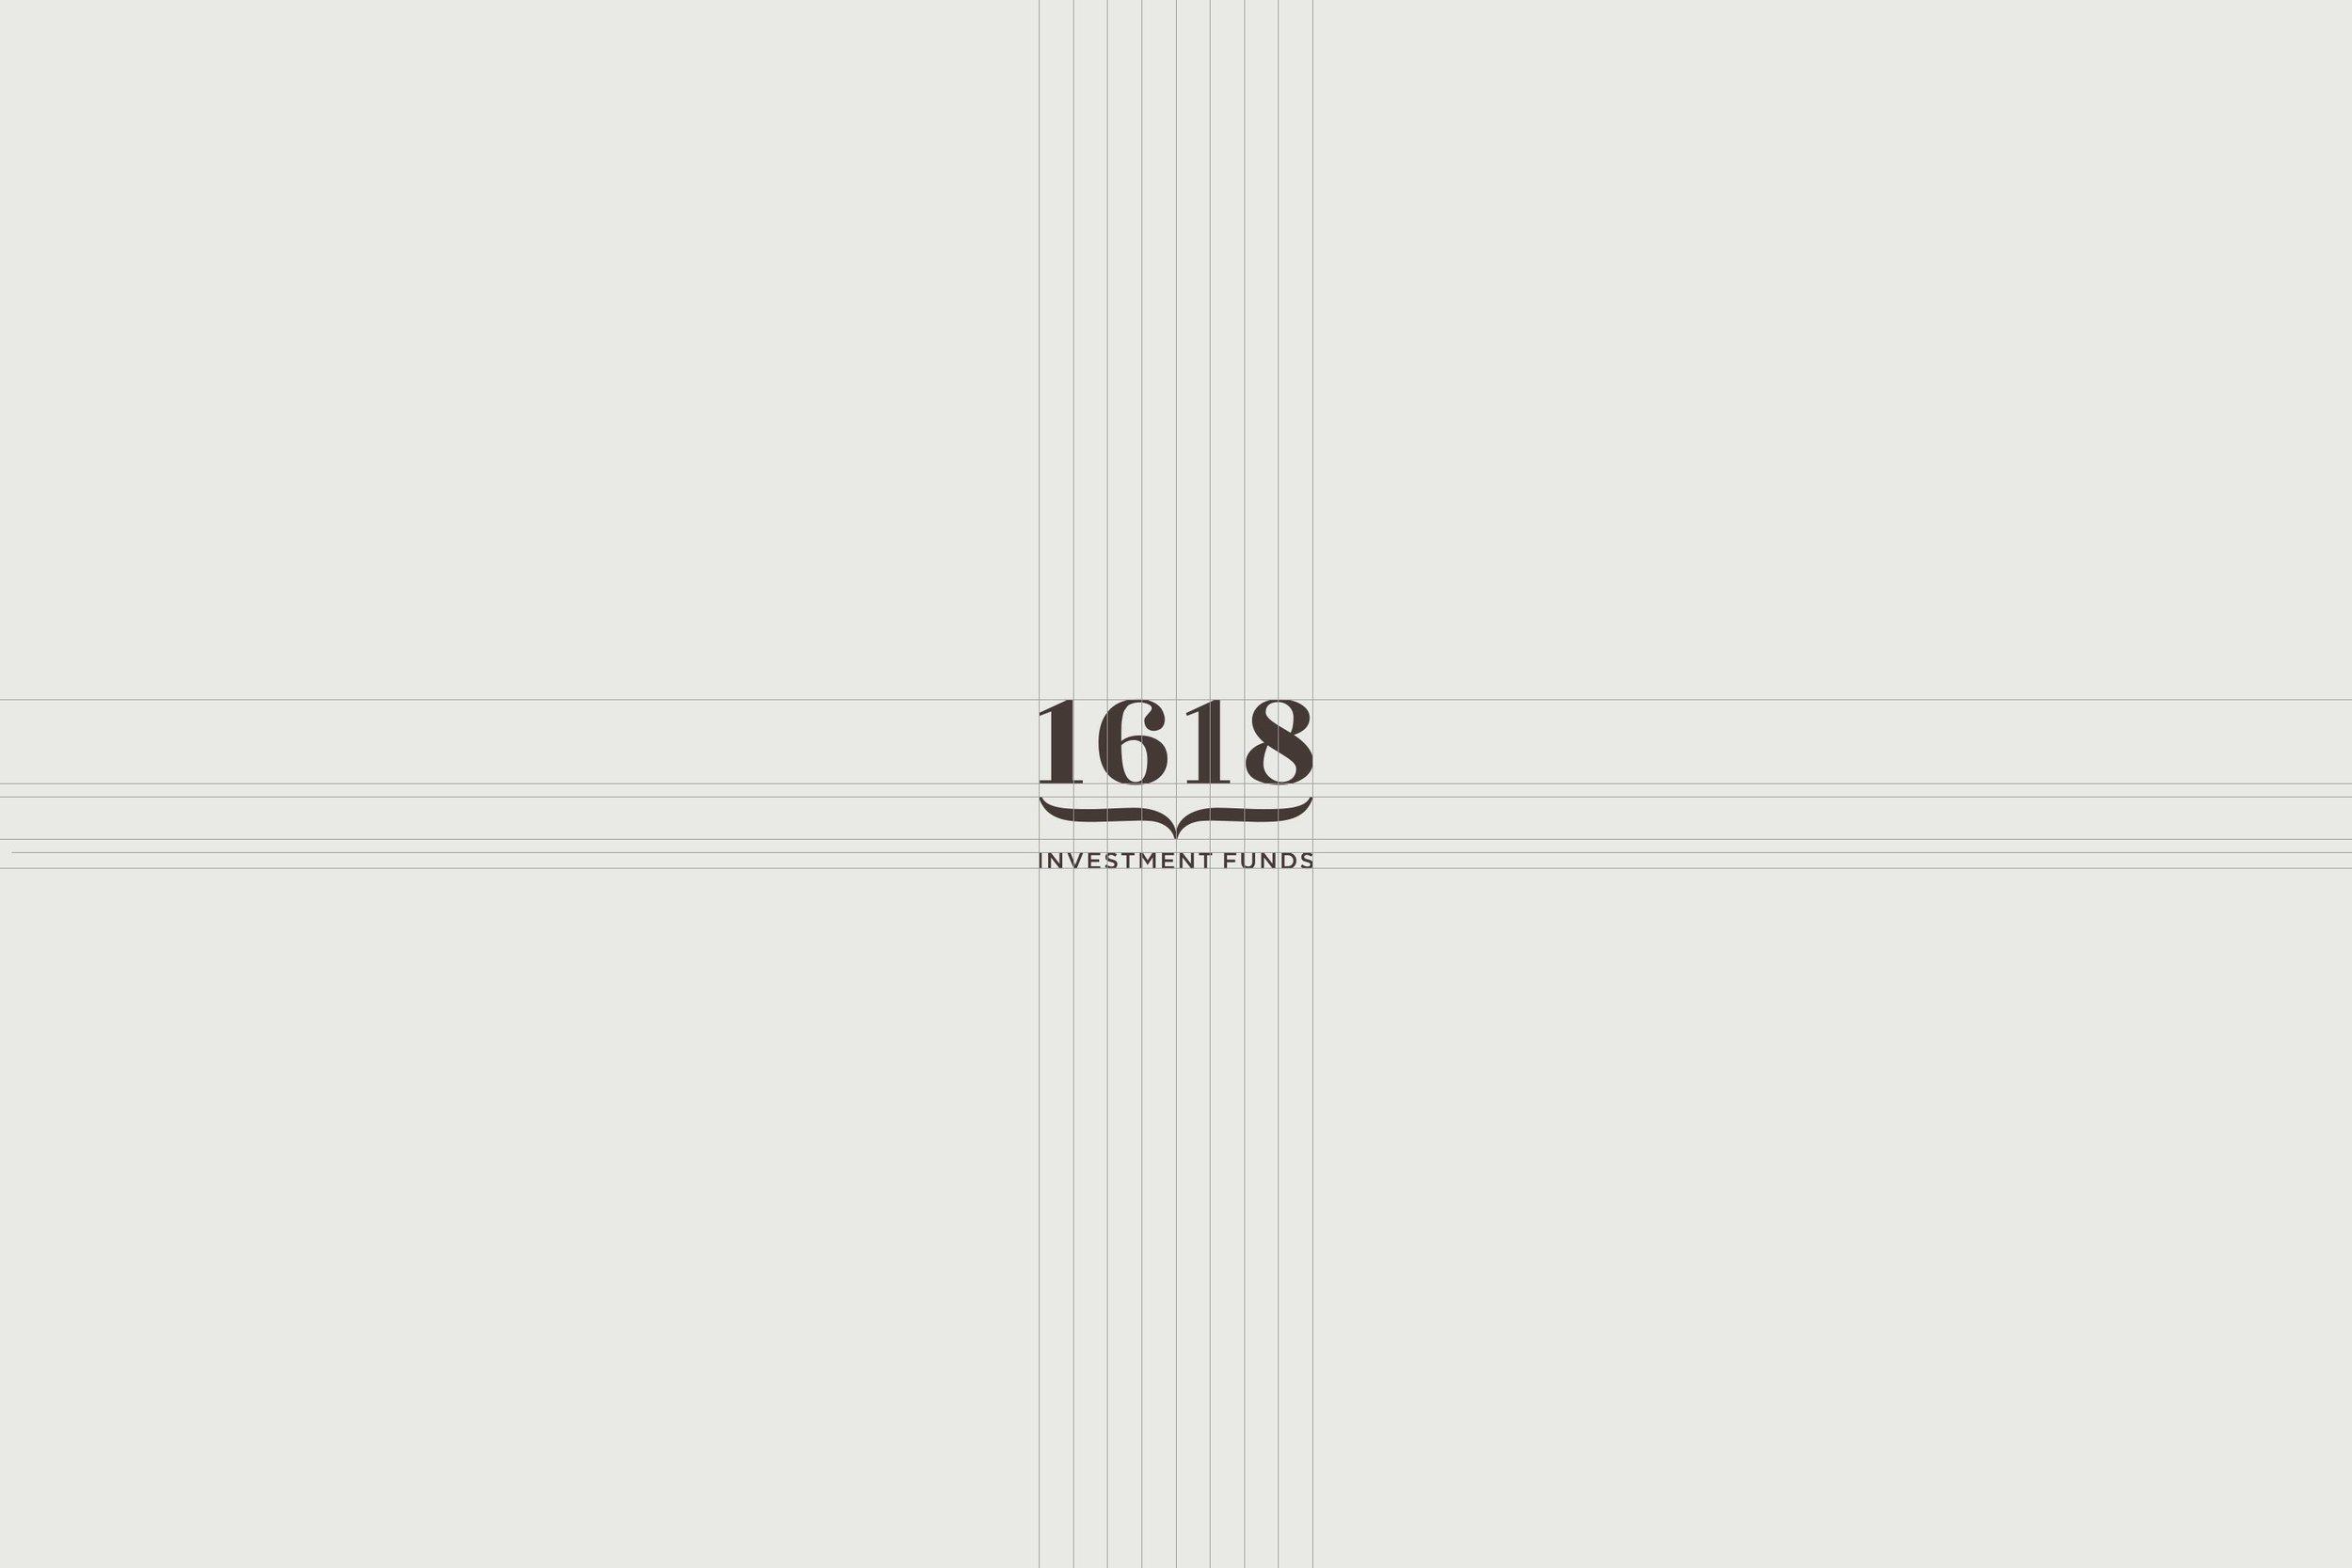 2.-1618.jpg